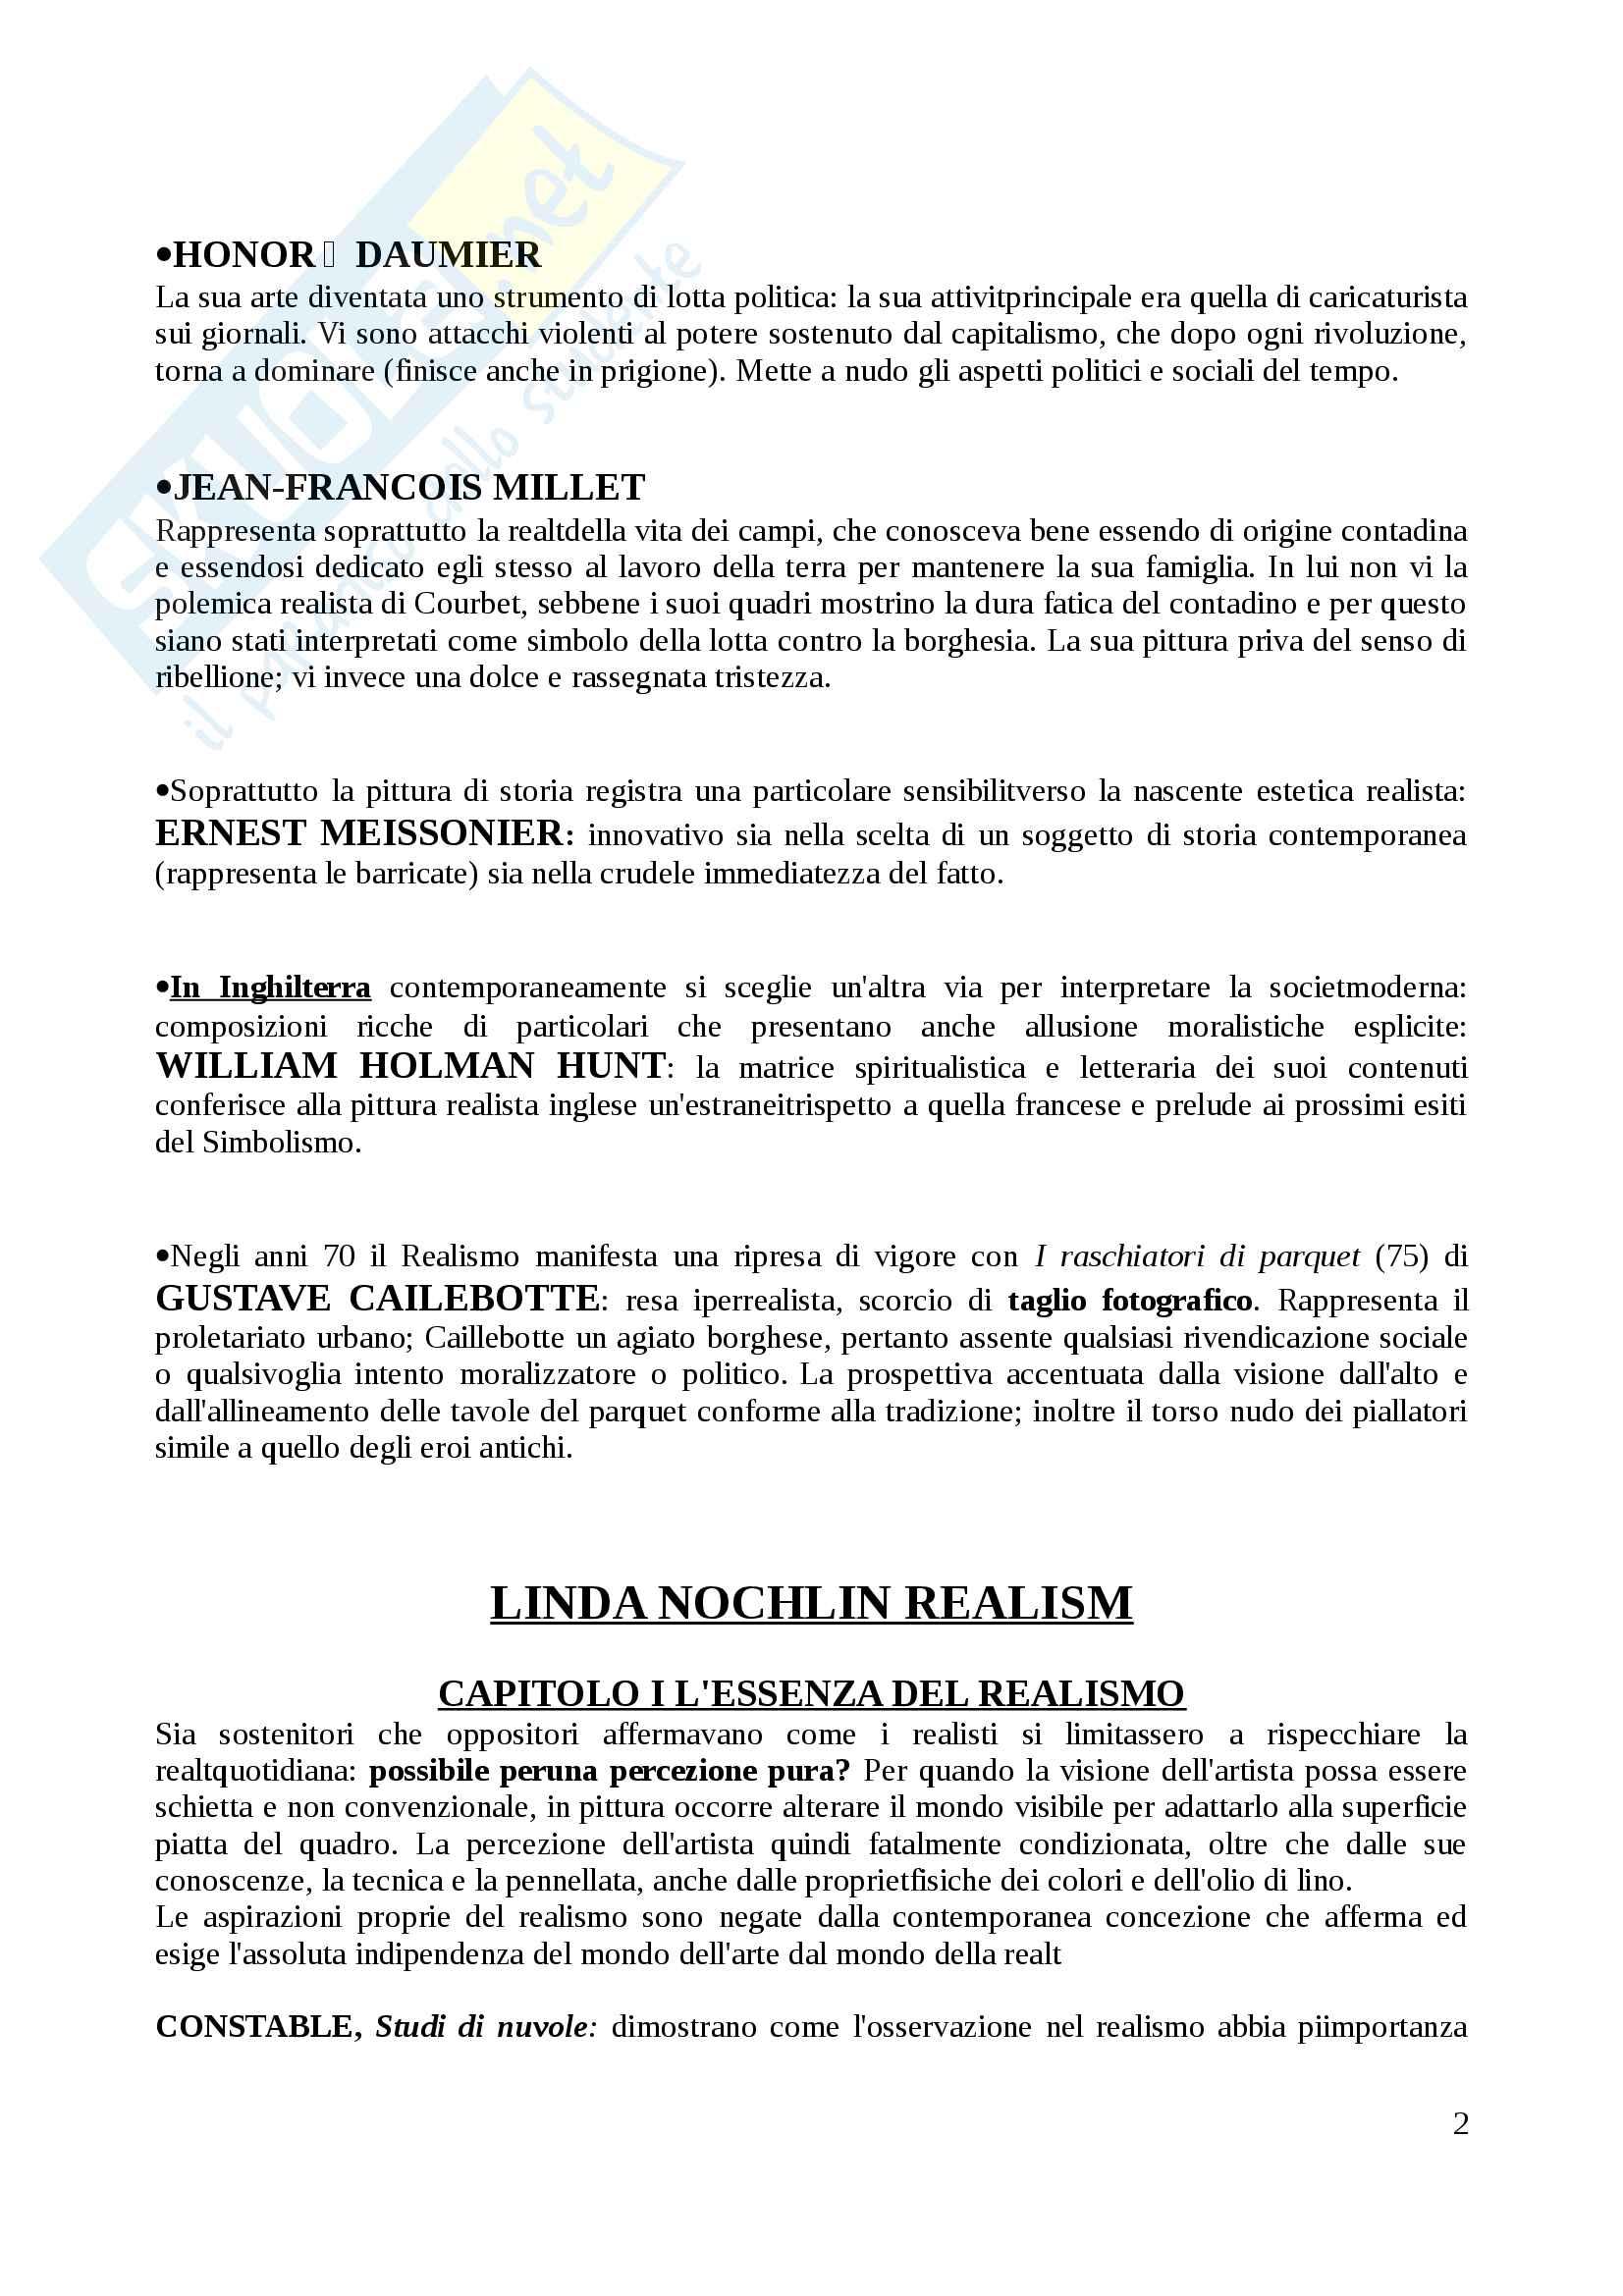 Riassunto esame Arte contmporanea (parte istituzionale), docente Di Raddo, libro consigliato: Nochlin, Il realismo Pag. 2